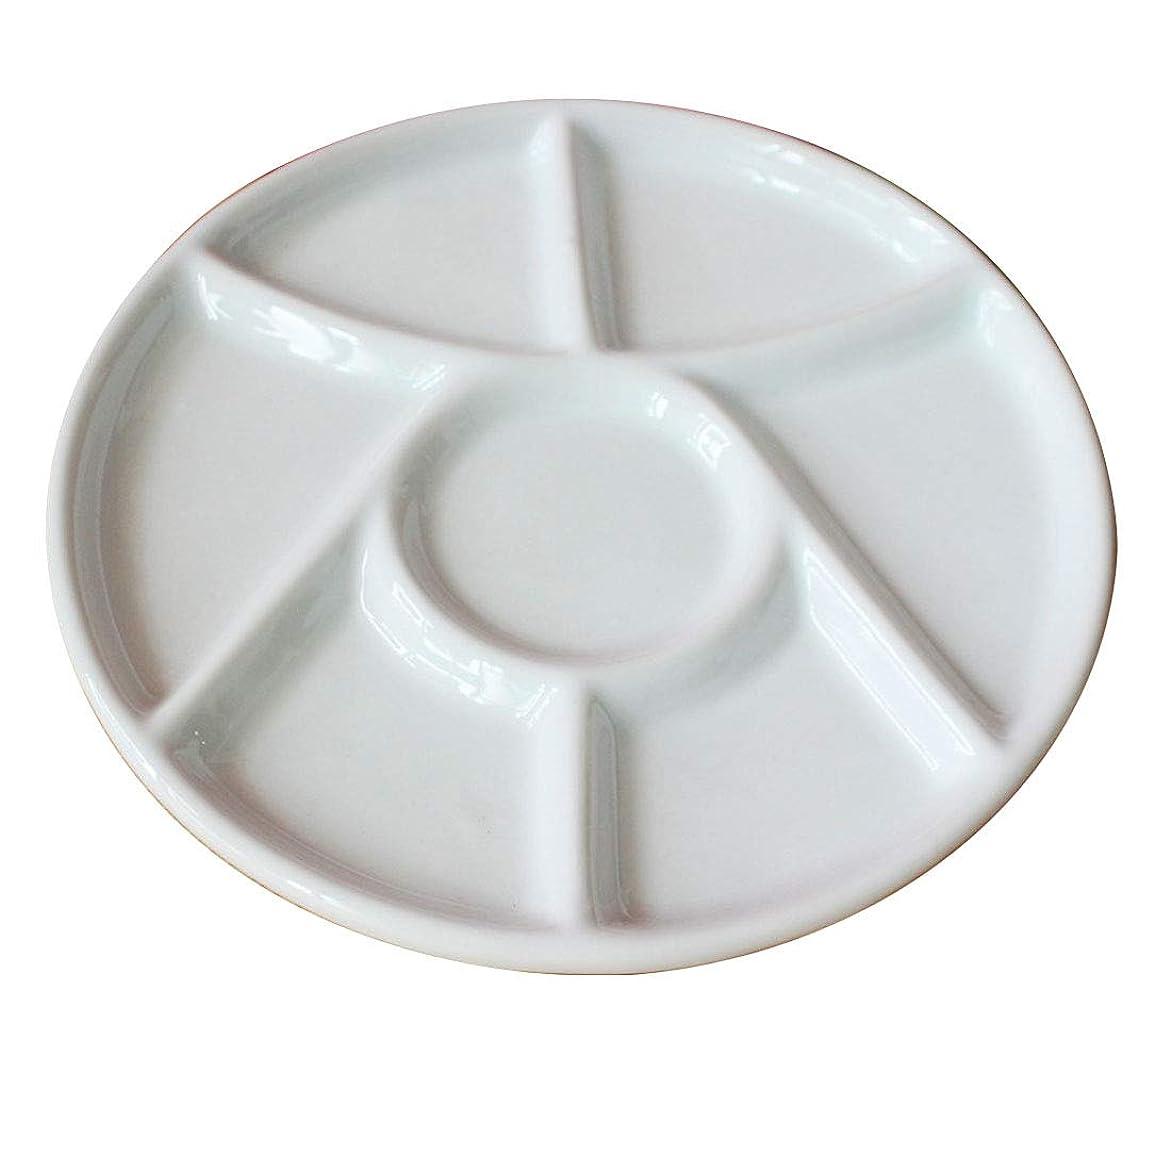 チャットイブニング成長FELICIAAA 9インチプラムカラーパレットラウンドピグメントパレットガッシュ水彩画油絵セラミックシックスグリッド ( Color : ホワイト )